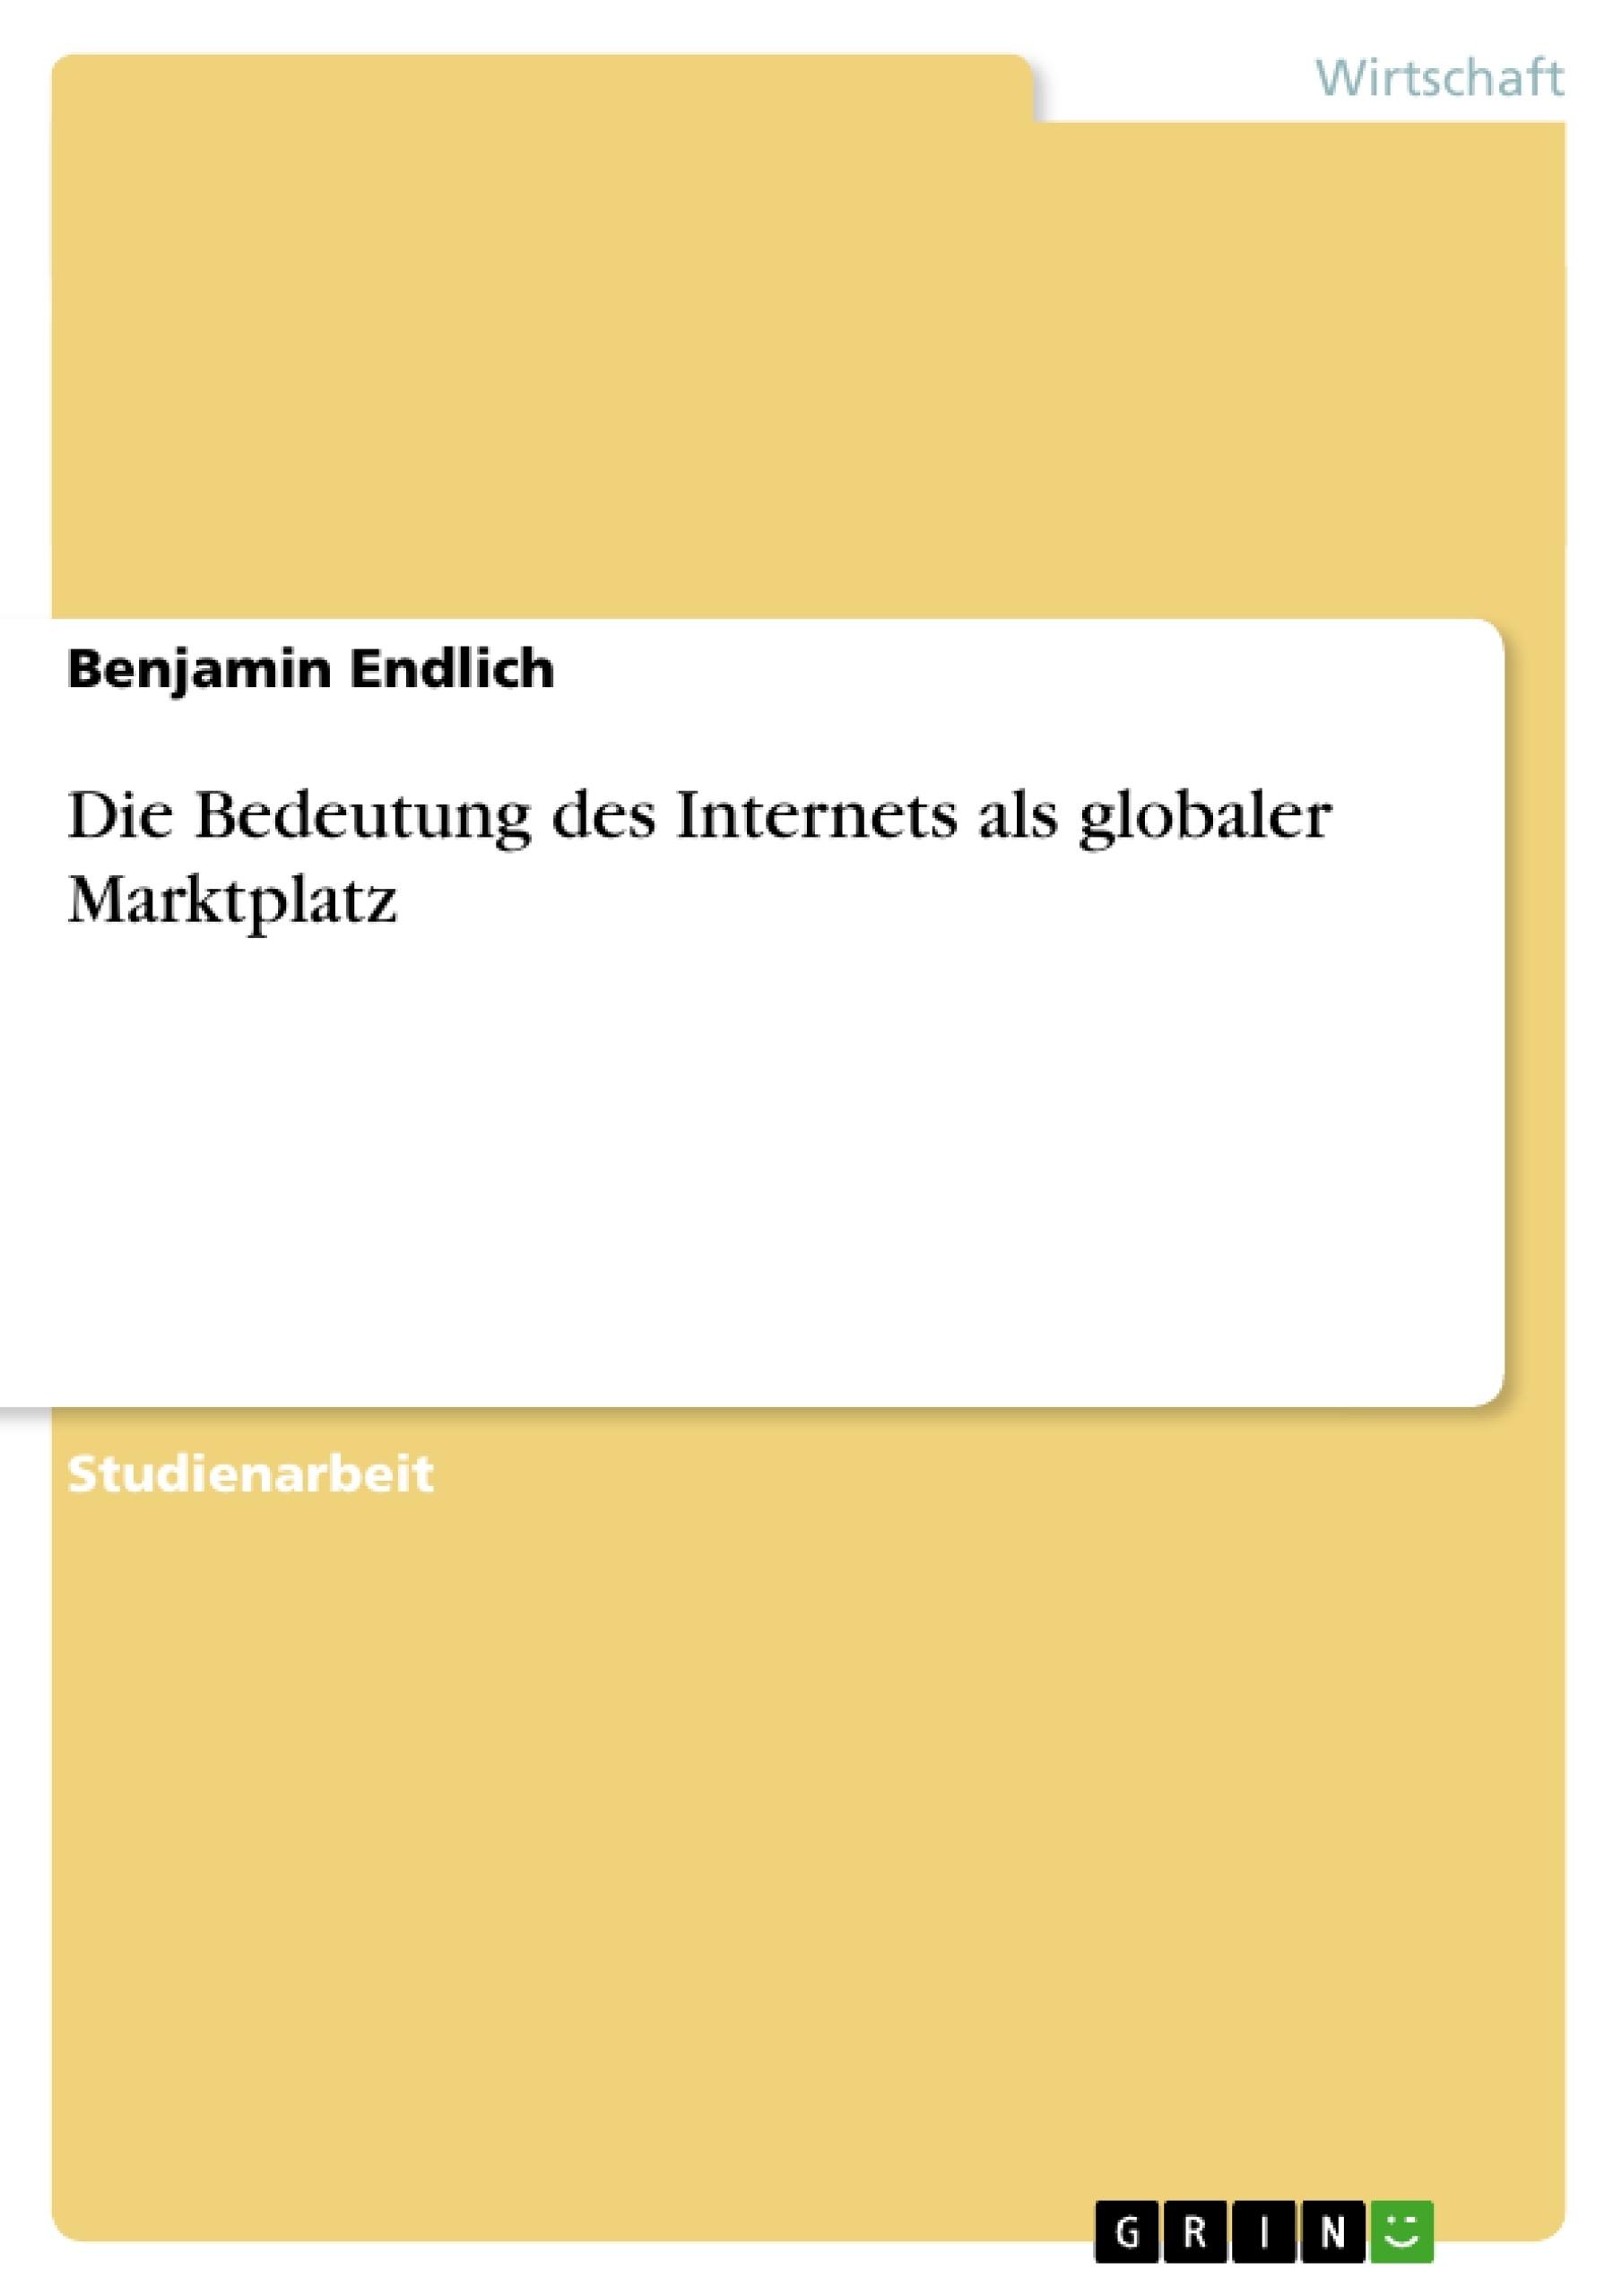 Titel: Die Bedeutung des Internets als globaler Marktplatz